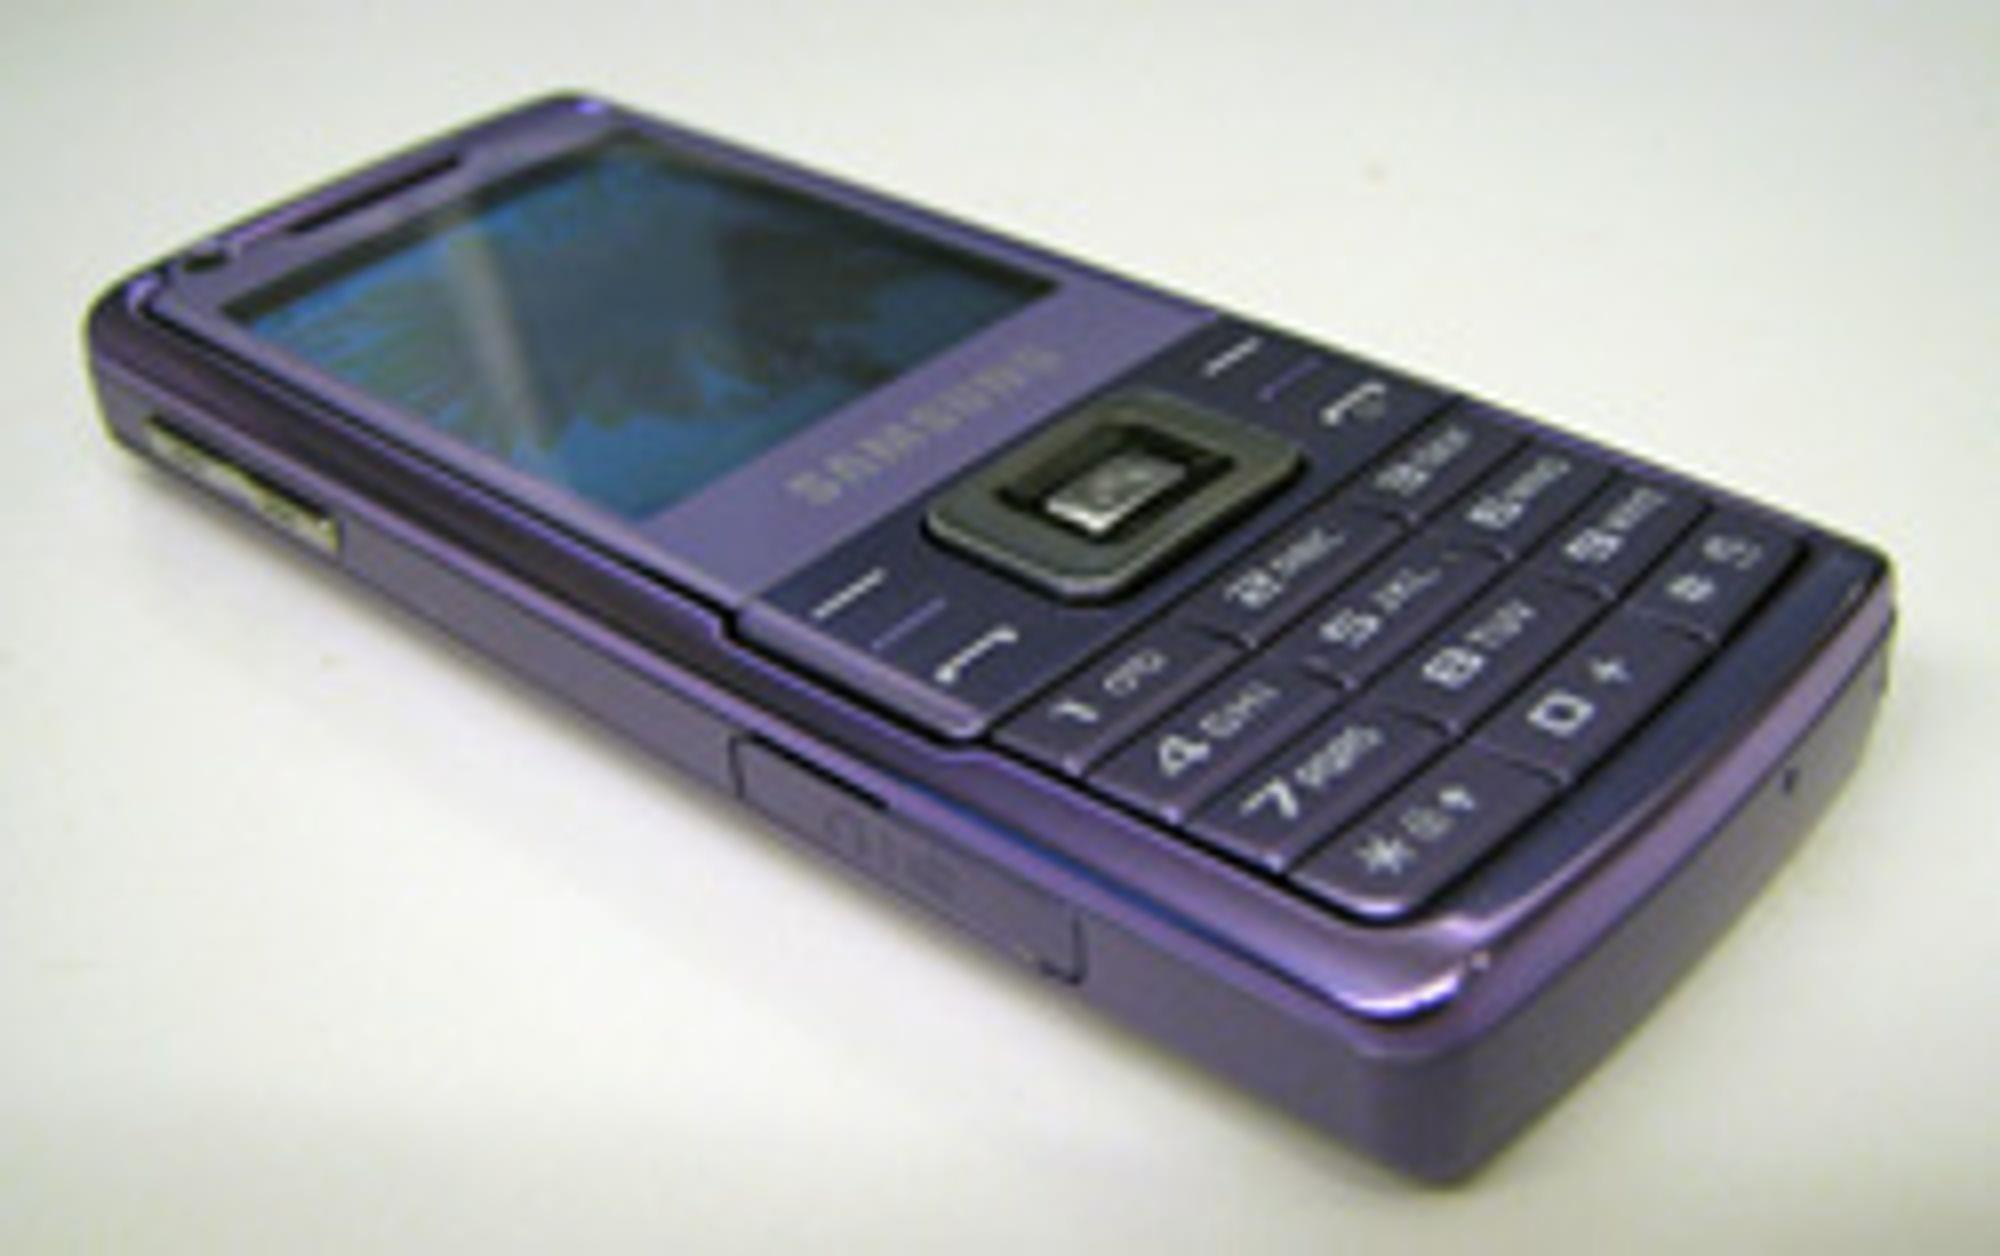 Samsung L700 nedenifra.